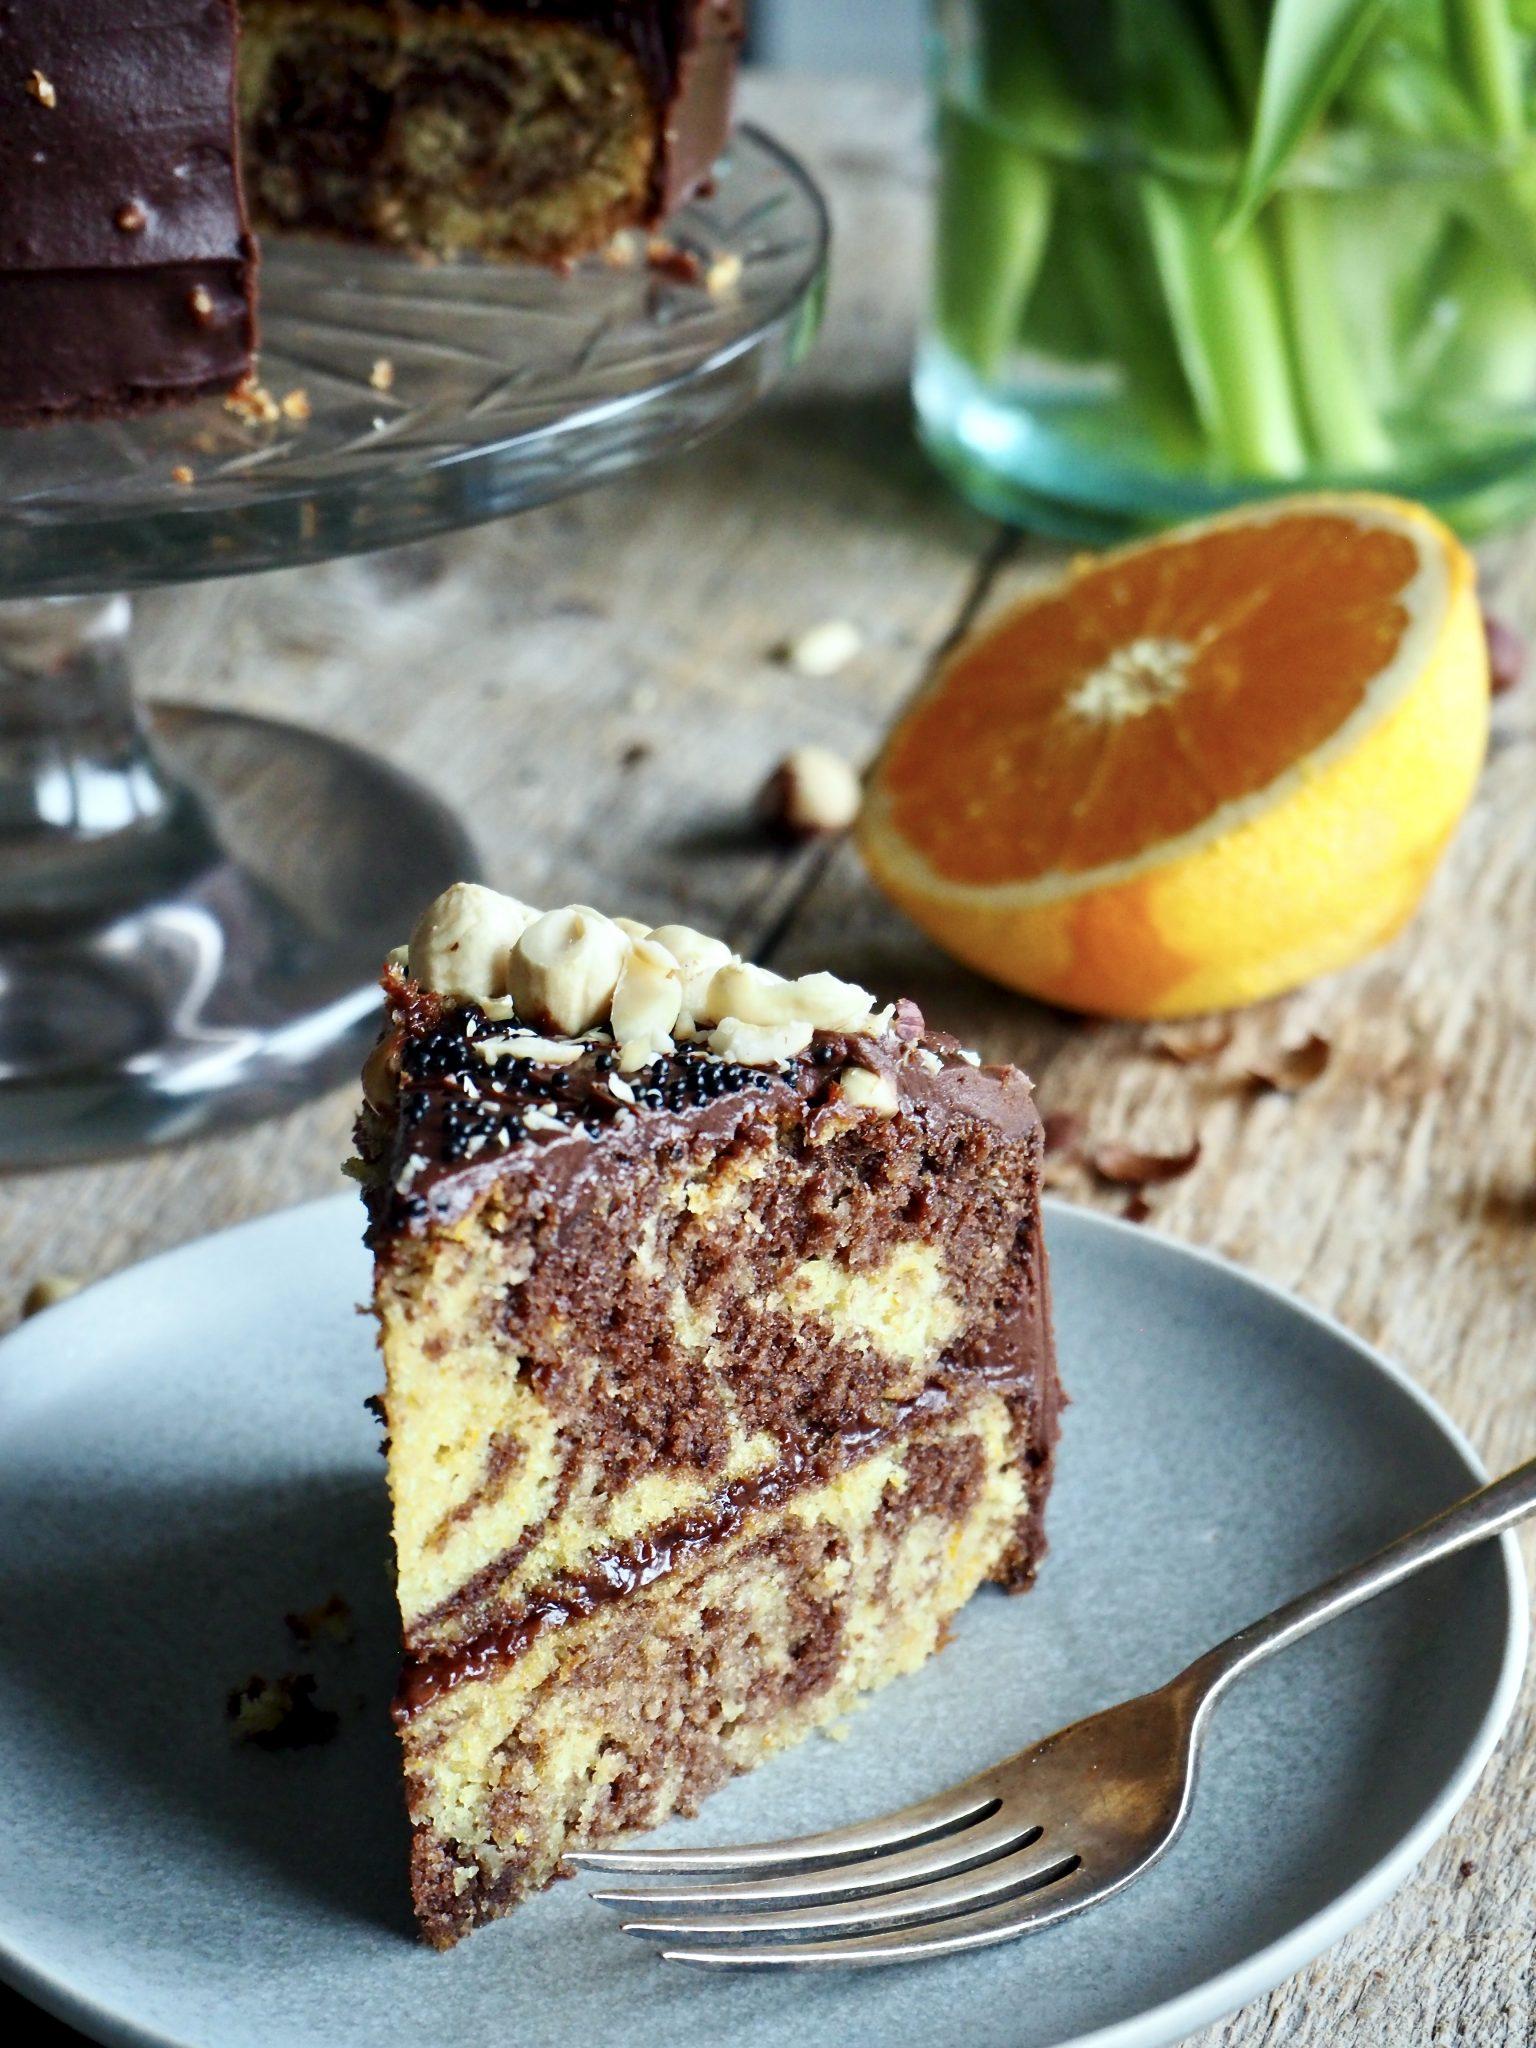 Marmorkake på 1,2,3 med appelsin - så digg!